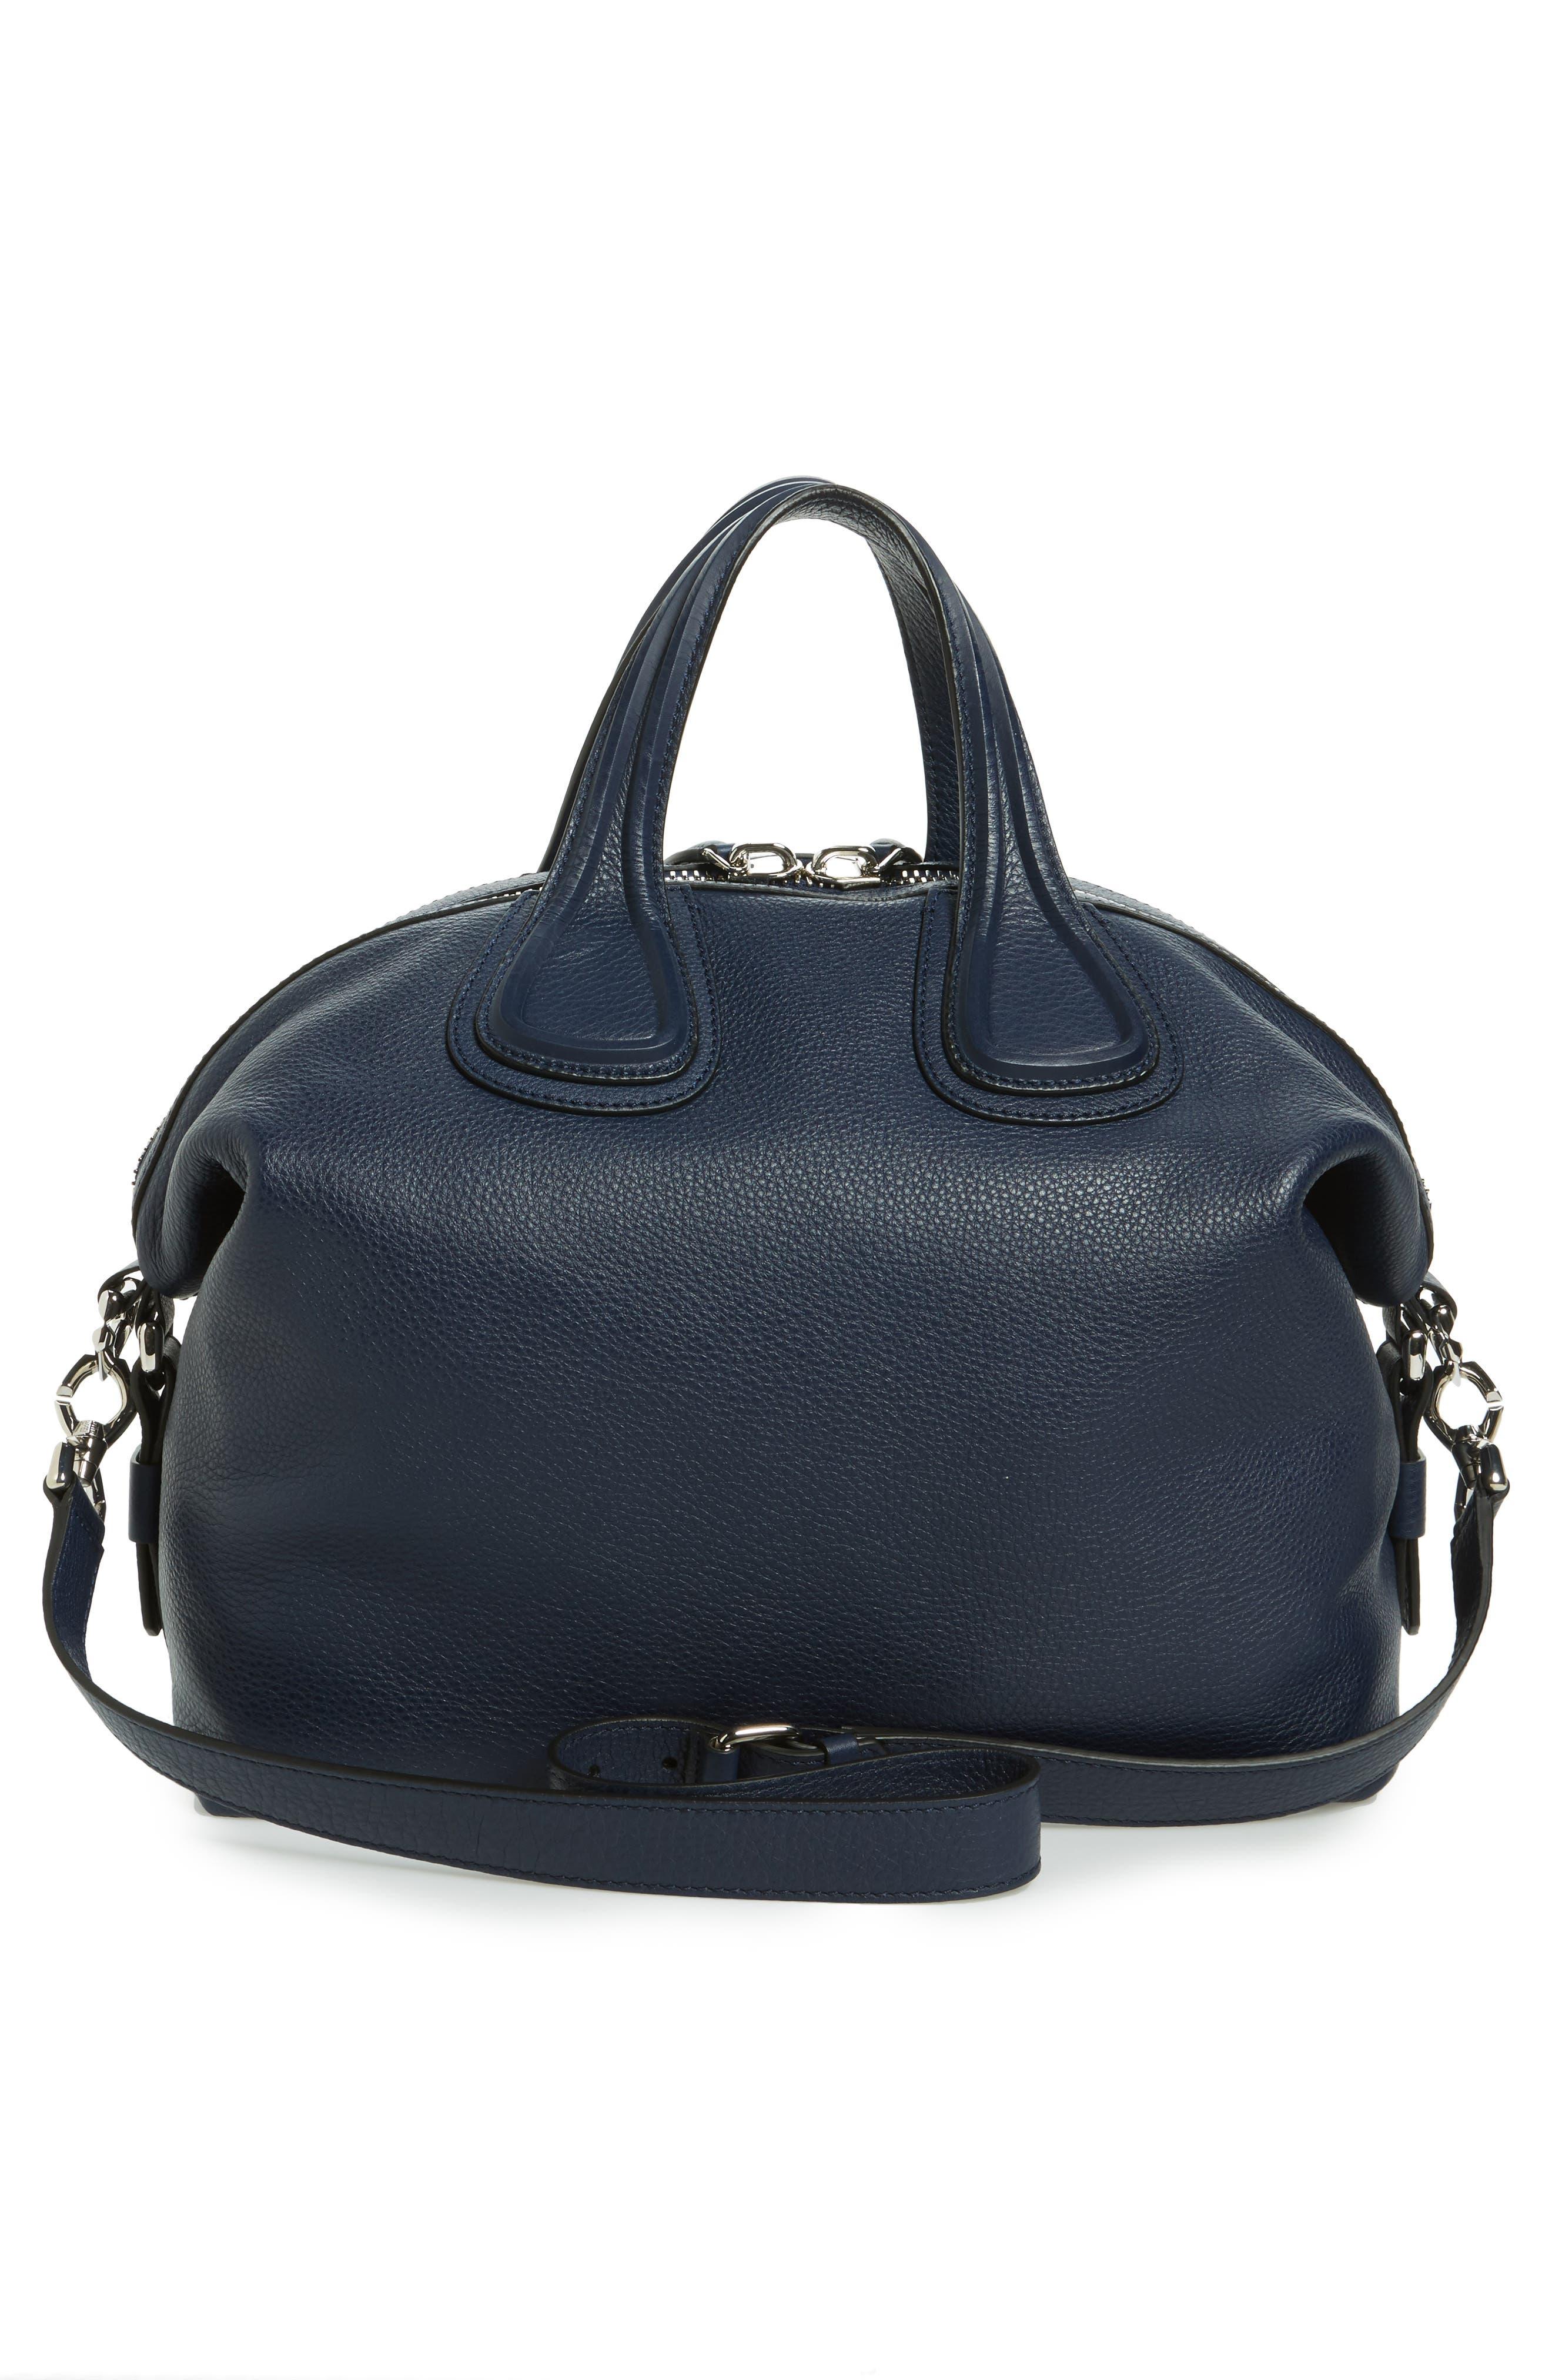 Alternate Image 2  - Givenchy 'Medium Nightingale' Calfskin Leather Satchel